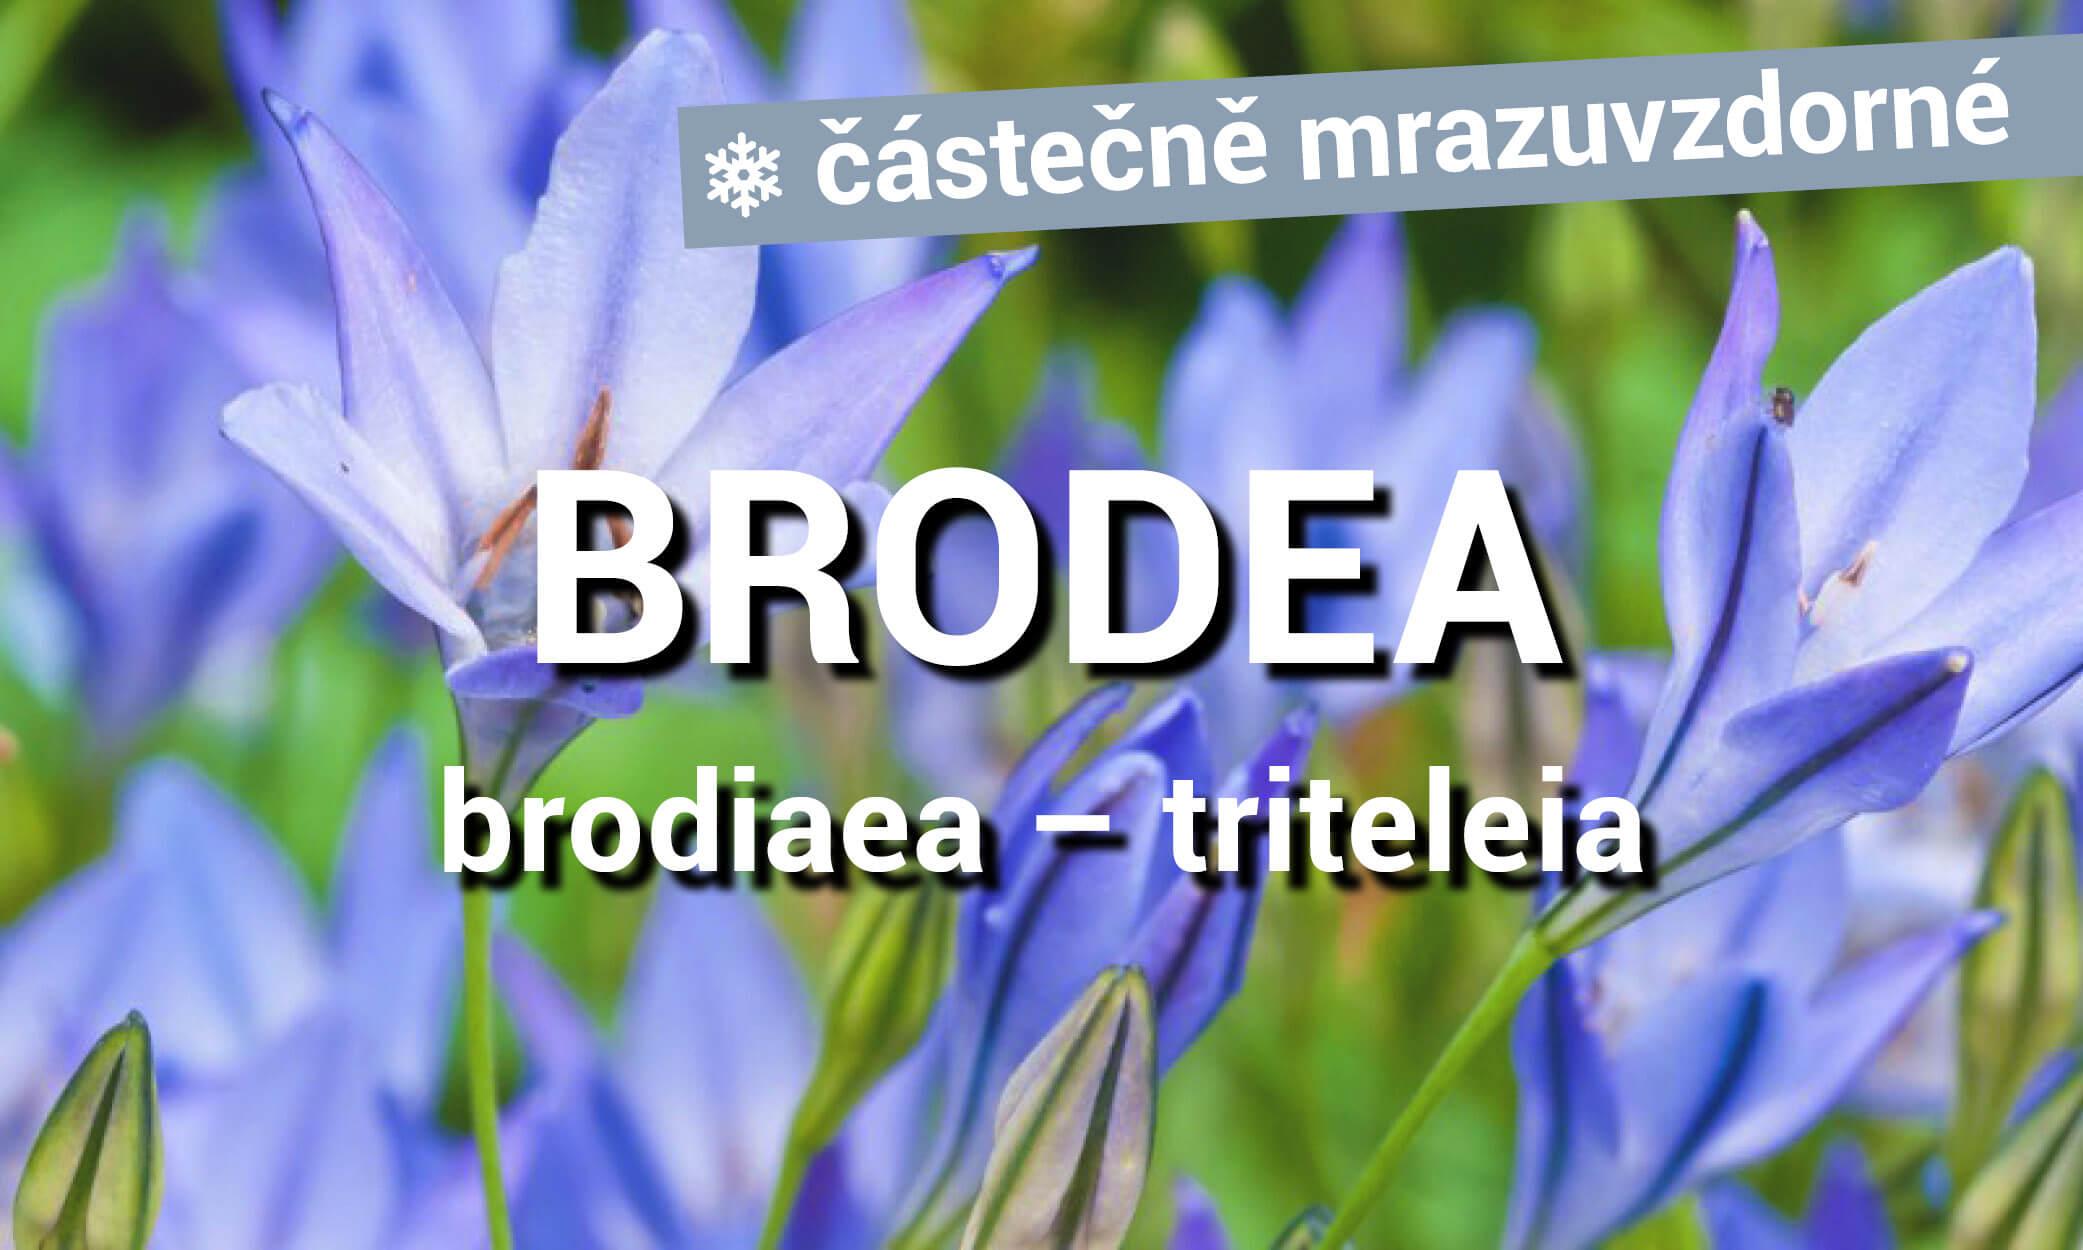 Brodea